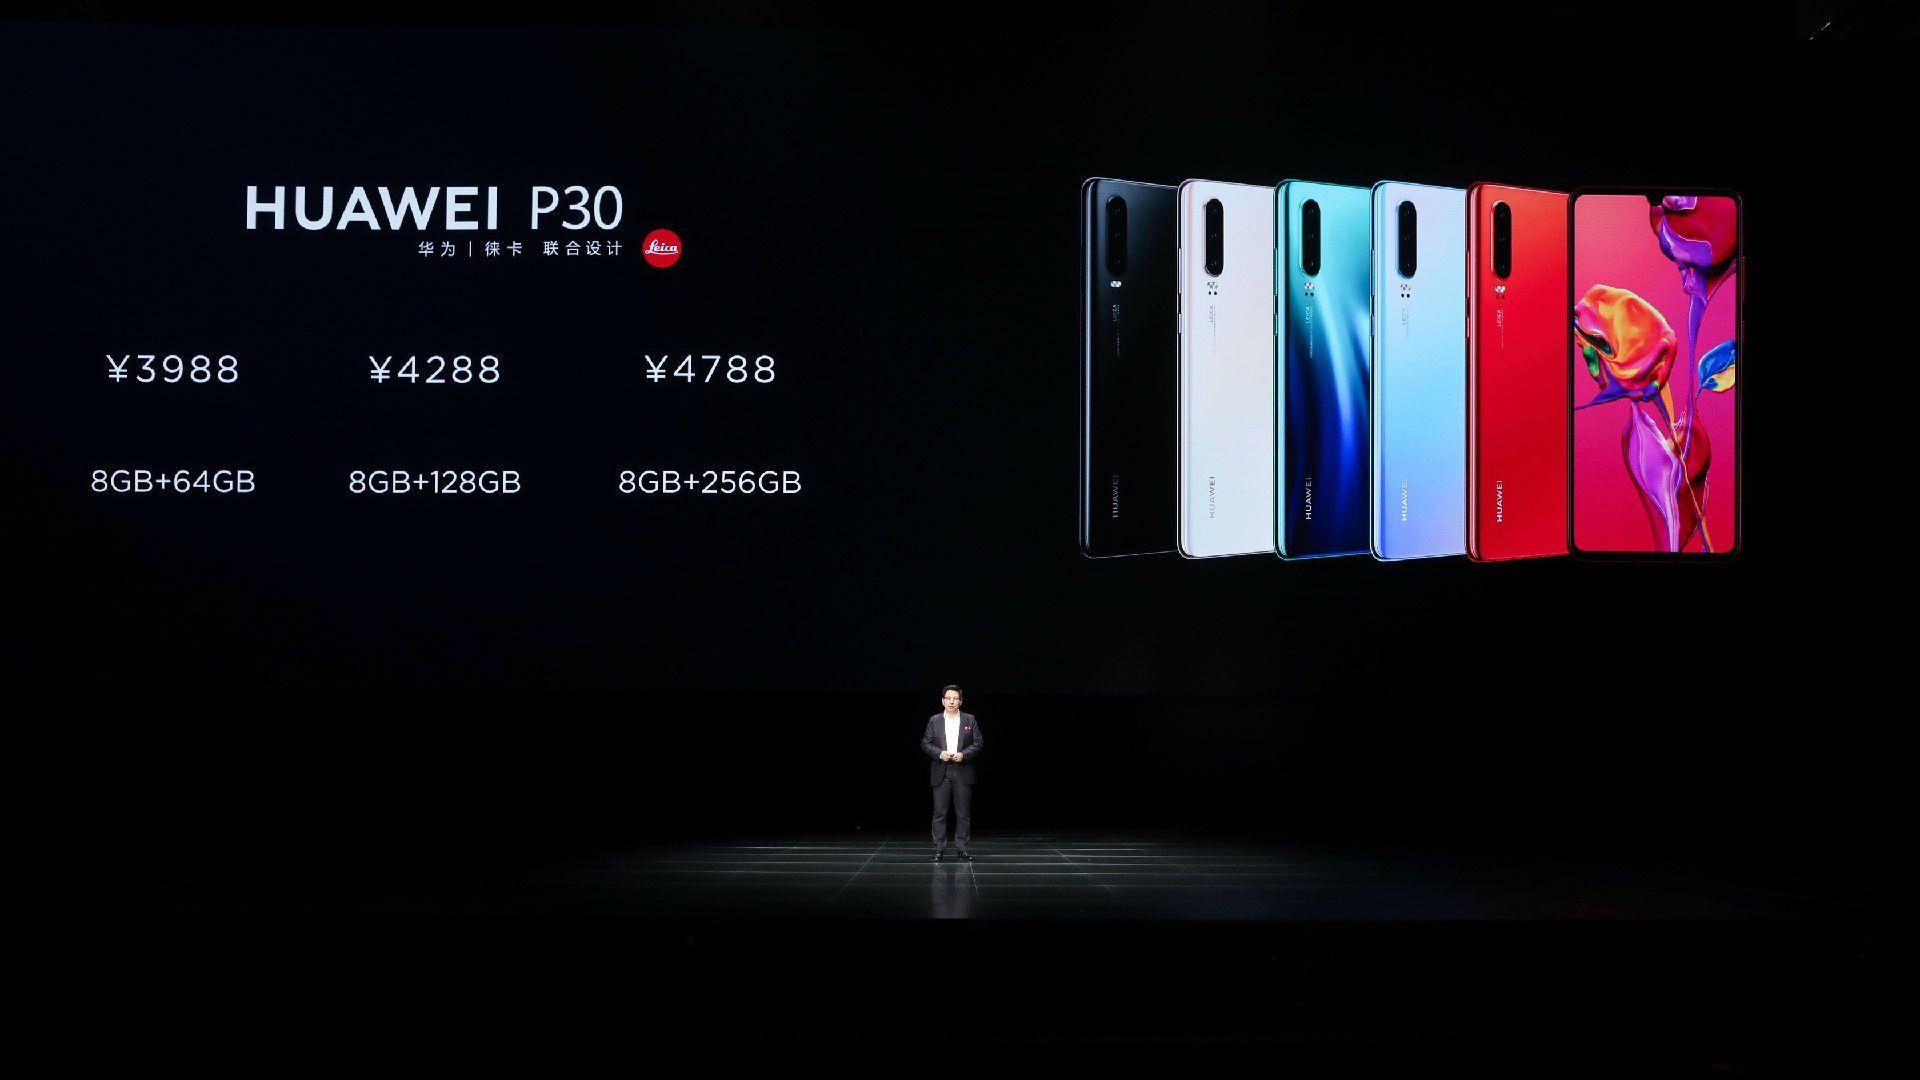 华为P30国内版3988元起售,余承东今年有望全球第一